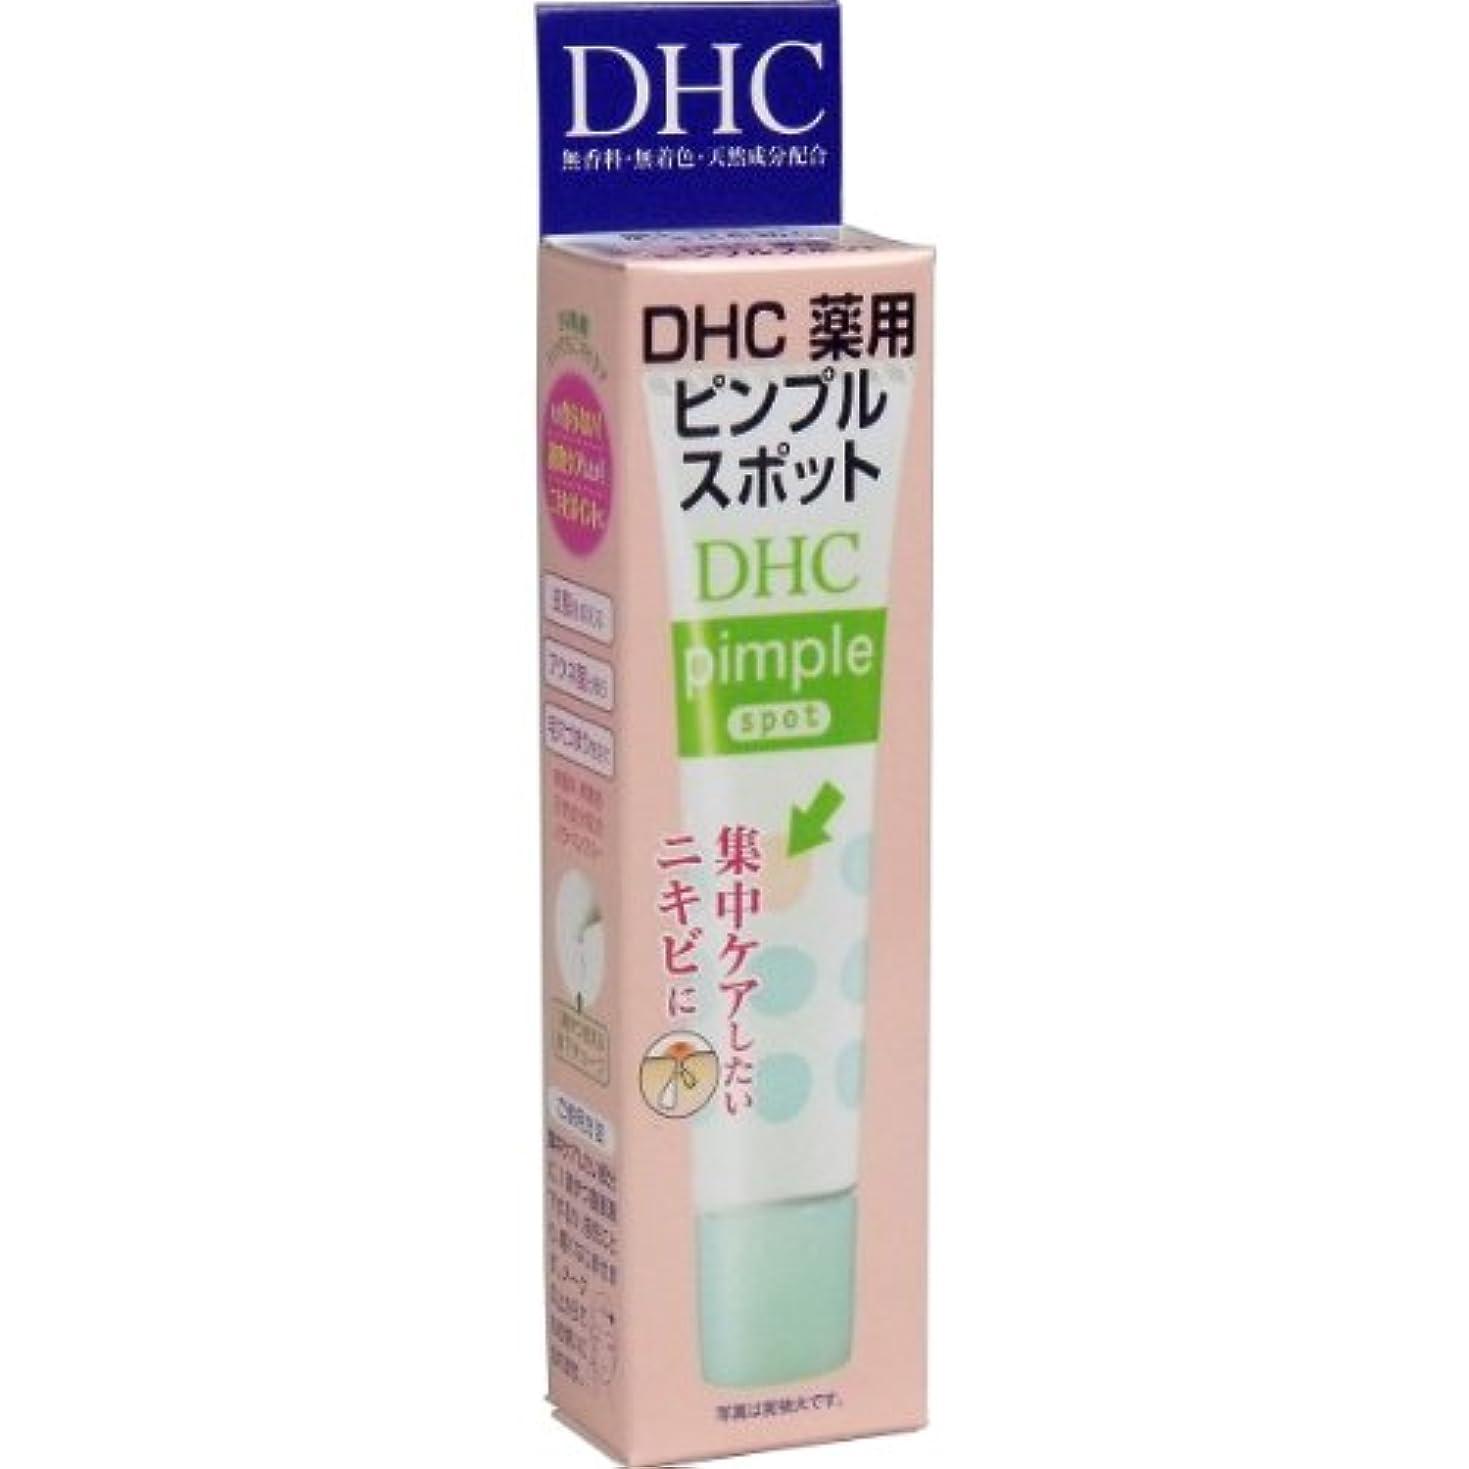 コピー時系列含む【まとめ買い】DHC薬用ピンプルスポット 15ml ×2セット